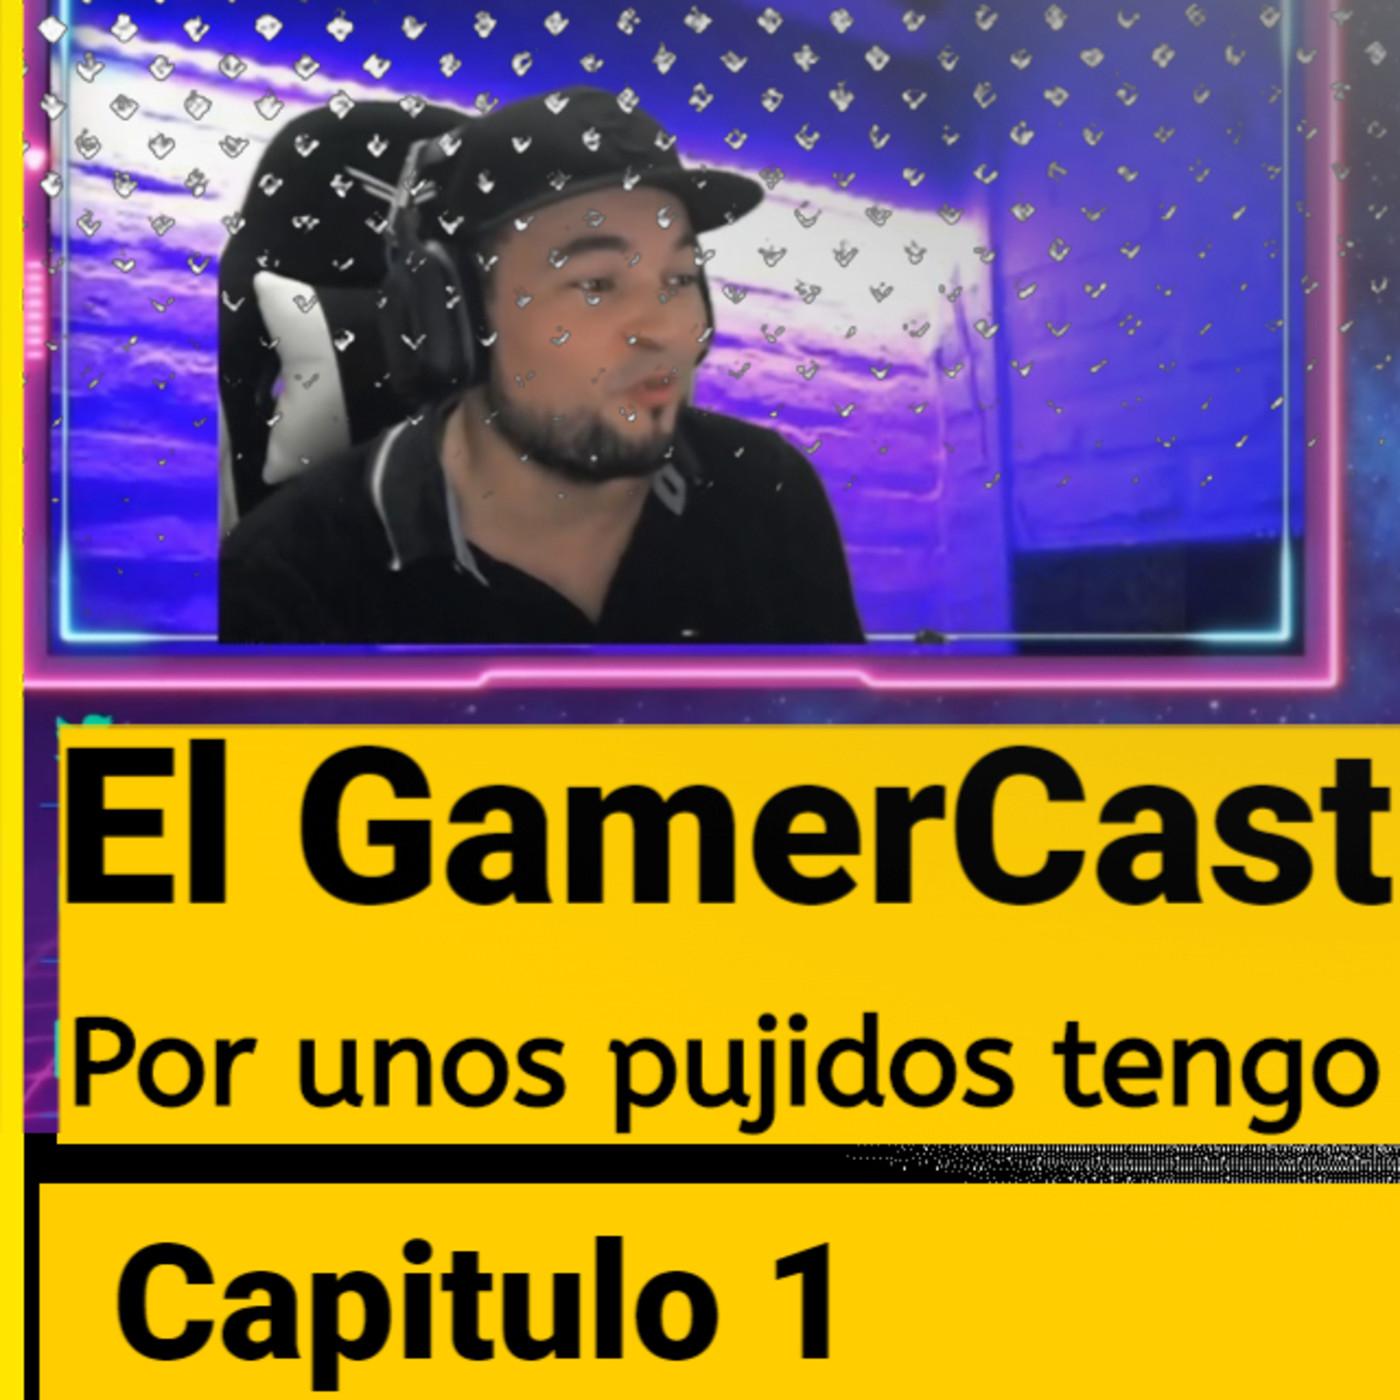 GamerCast - Cap1 - Por unos pujidos tengo este juego - Ft. Carlos SB